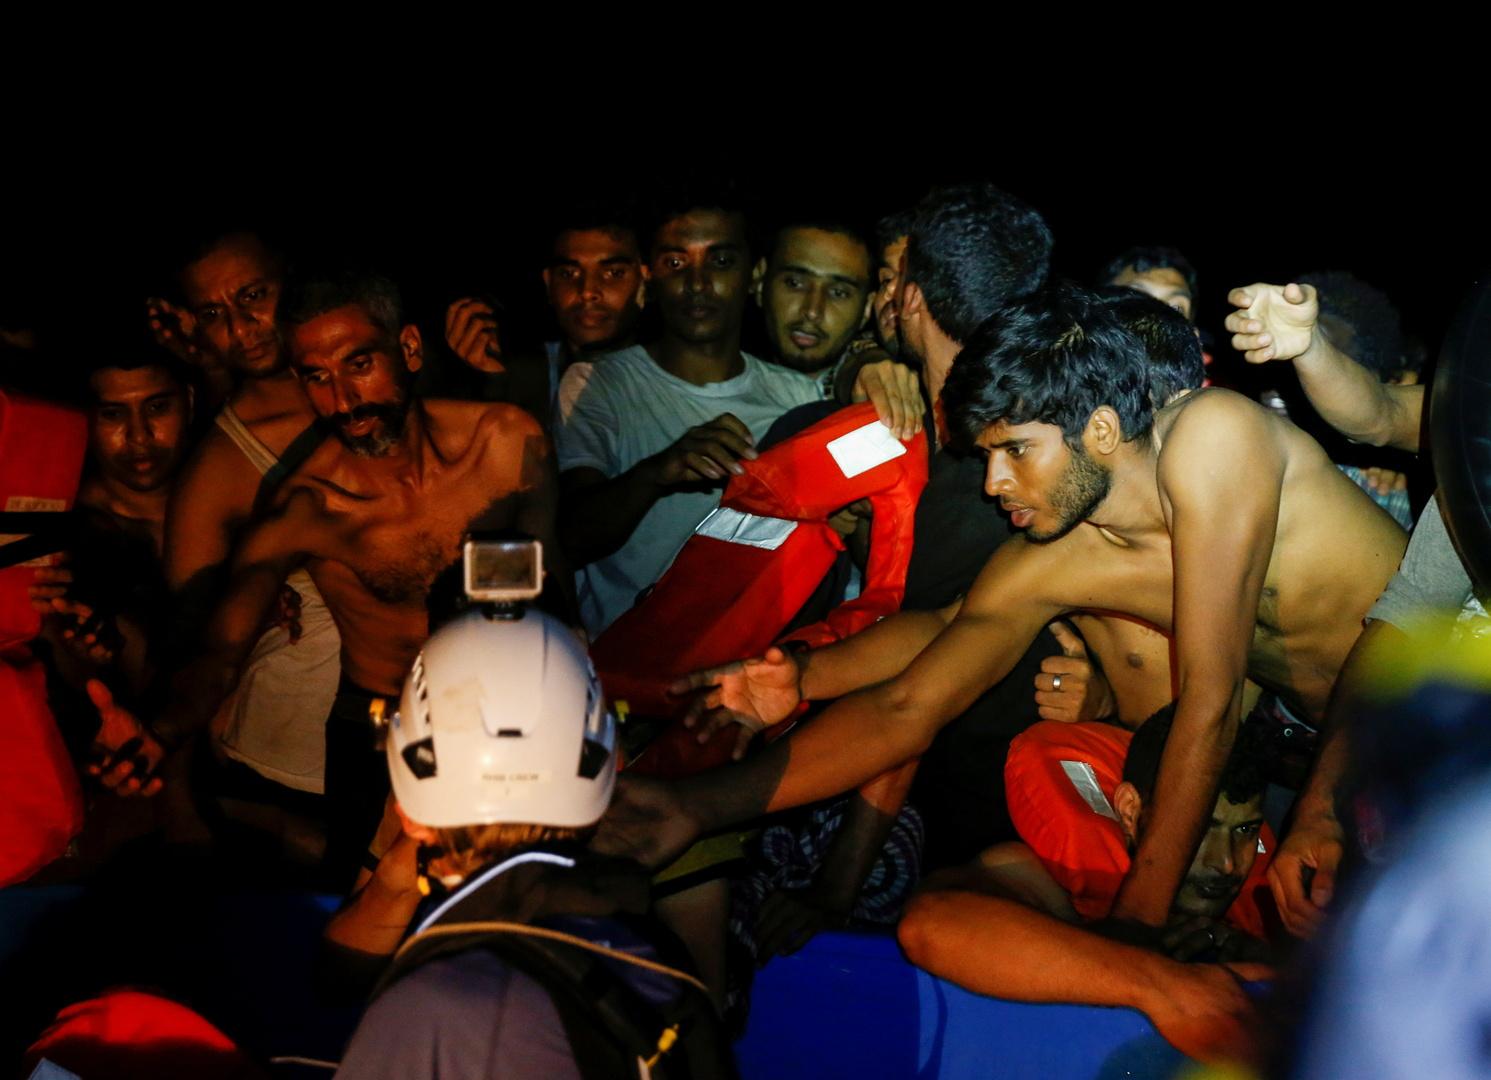 مهاجر,ن على متن قارب خشبي مكتظ أثناء عملية إنقاذ في المياه الدولية قبالة سواحل تونس 1 أغسطس 2021